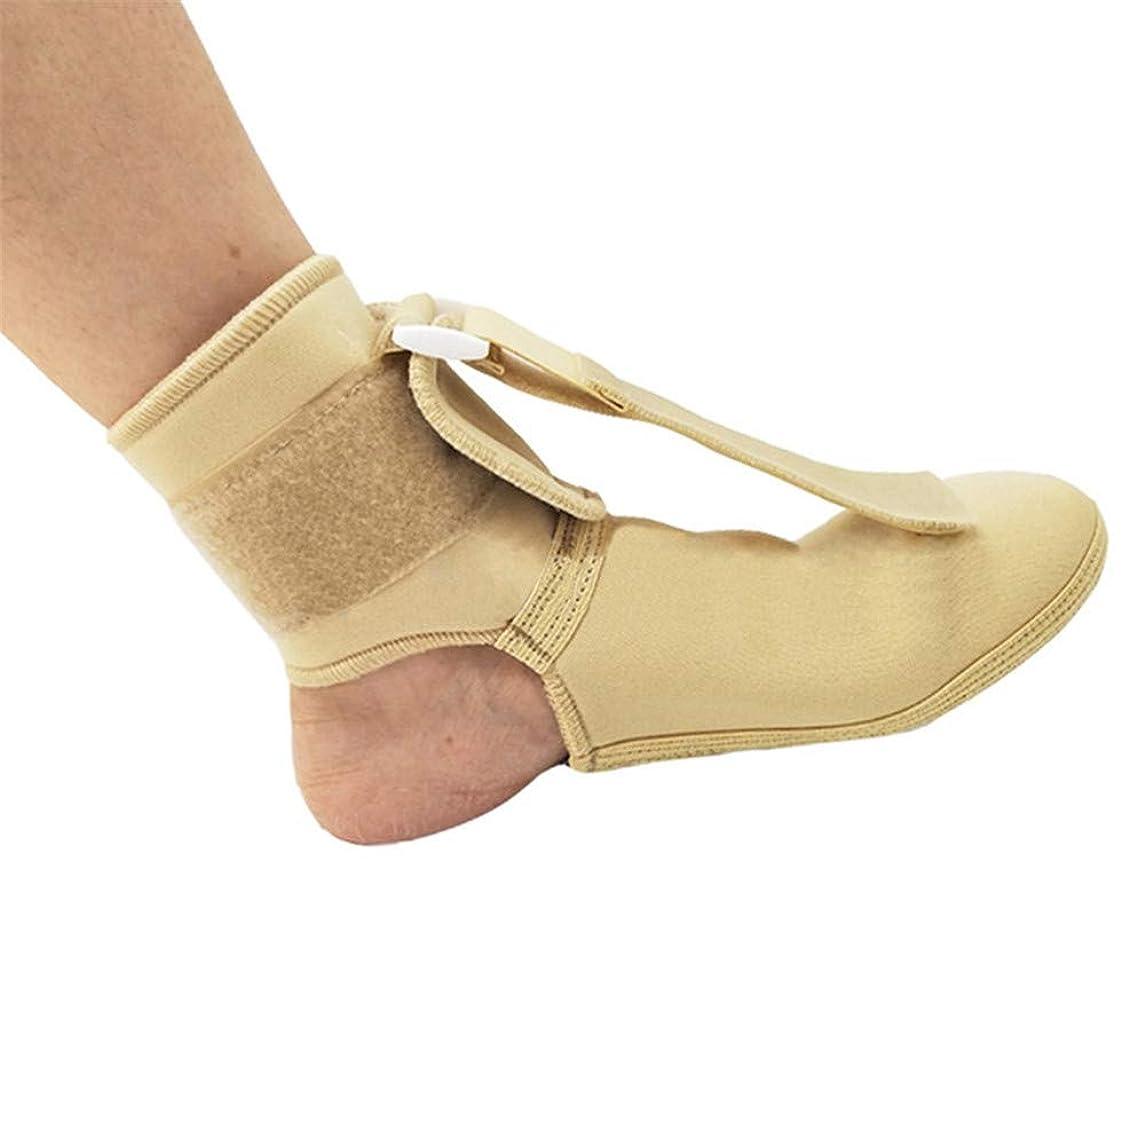 拡張製品私たち足首保護、関節サポート、調節可能なフットドロップ矯正装具足の痛みの軽減スプリント足首スプリントサポートナイトスプリント,L